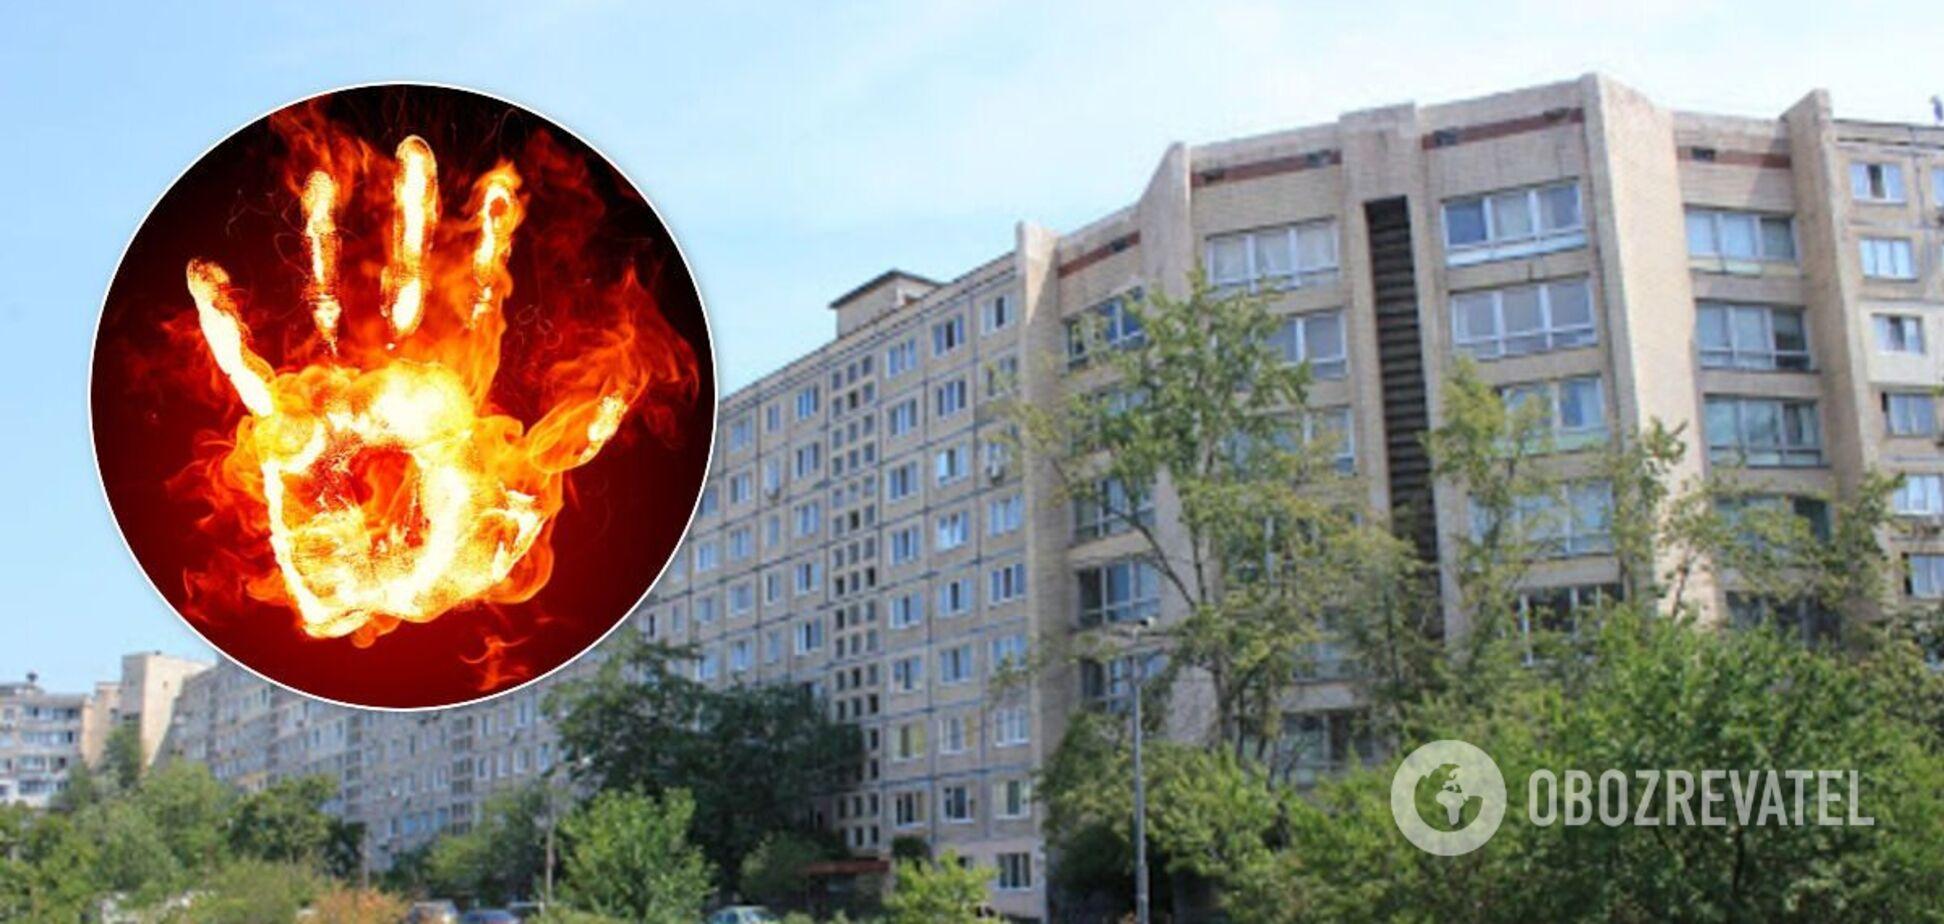 З'явилися подробиці спалення дитини в Києві: батько планував вбивство та пишався